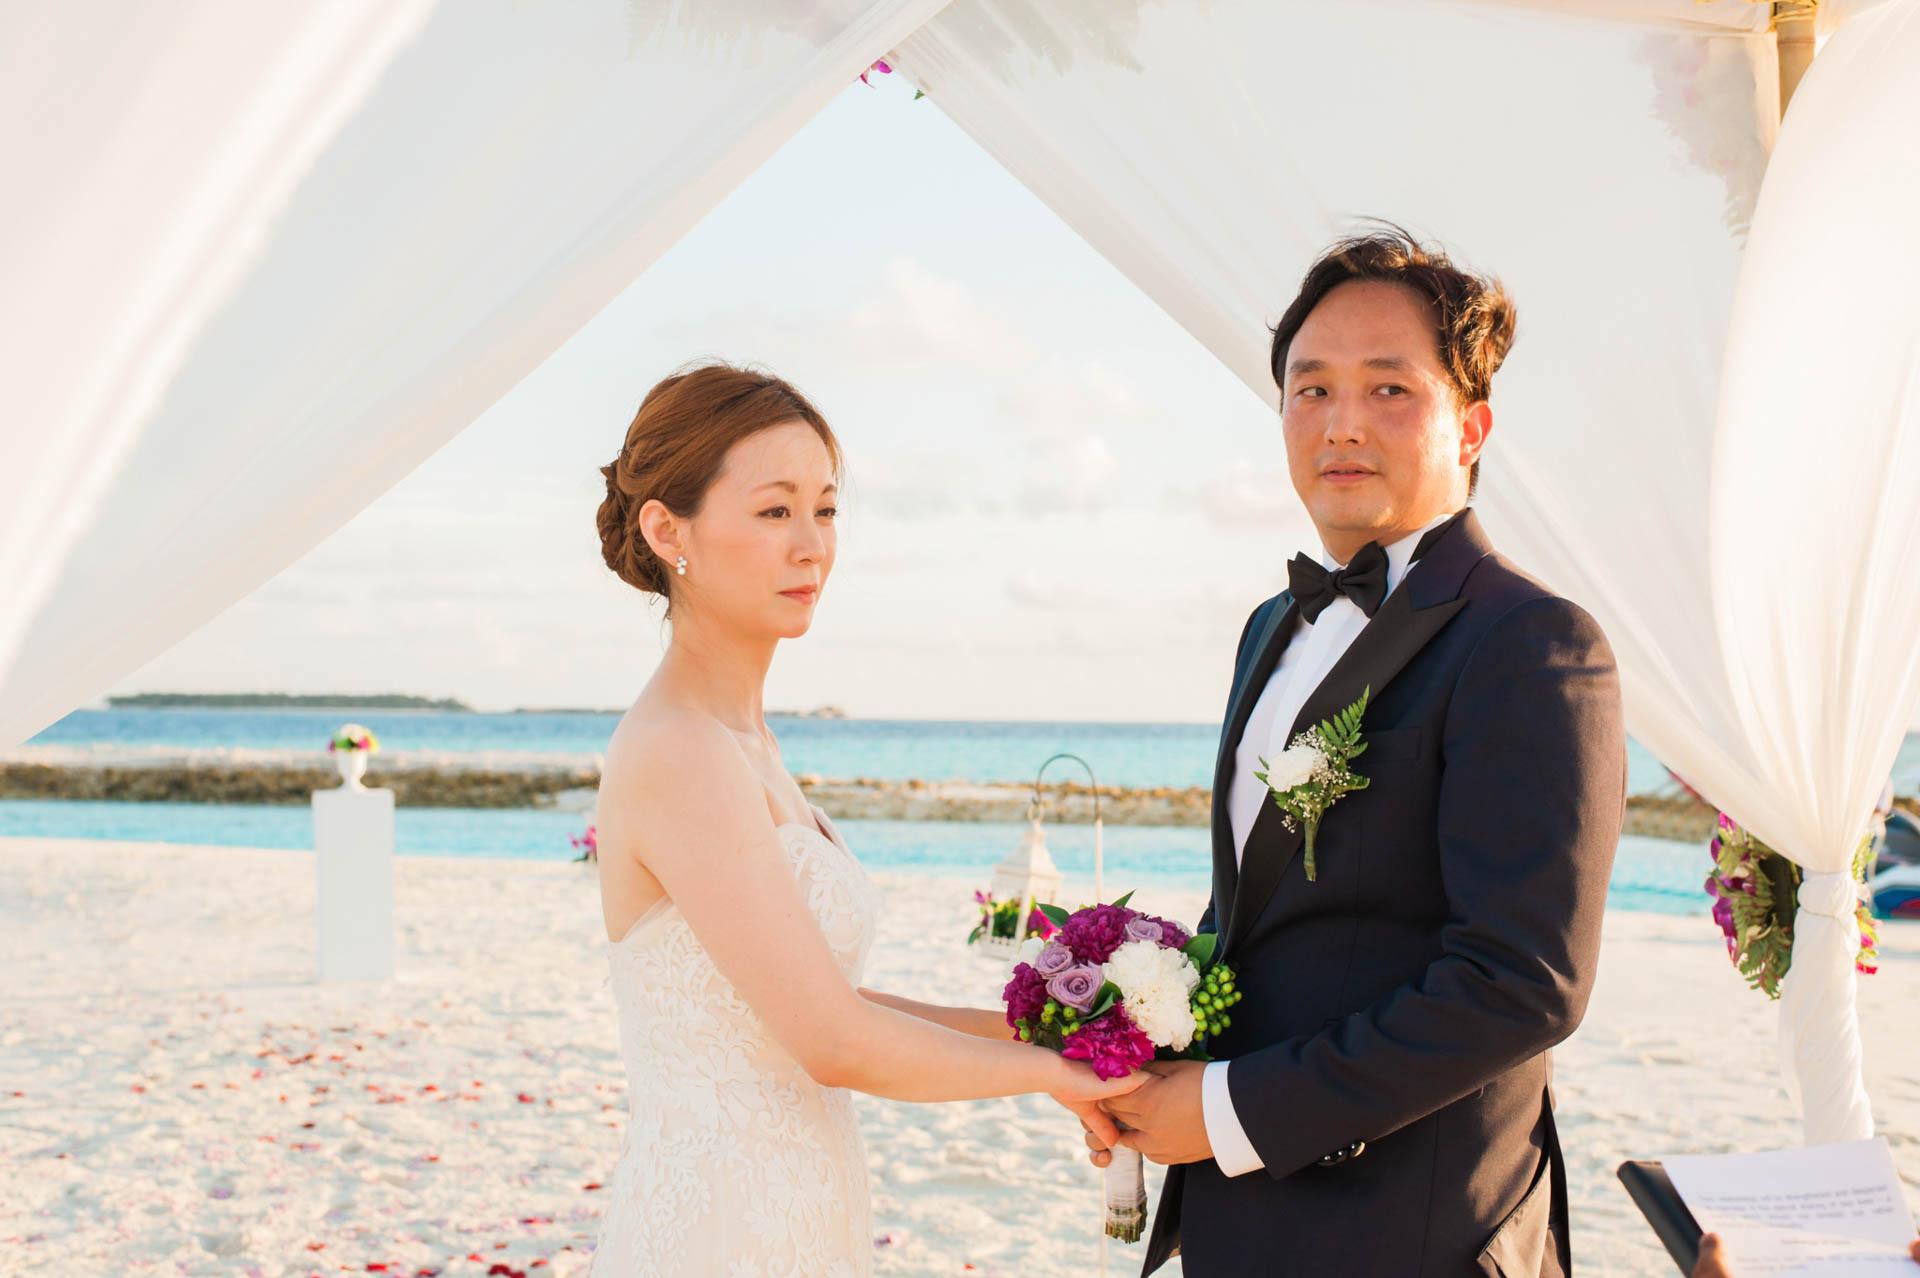 Kang Kim Sand Bank Wedding at St Regis Vommuly Maldives 4